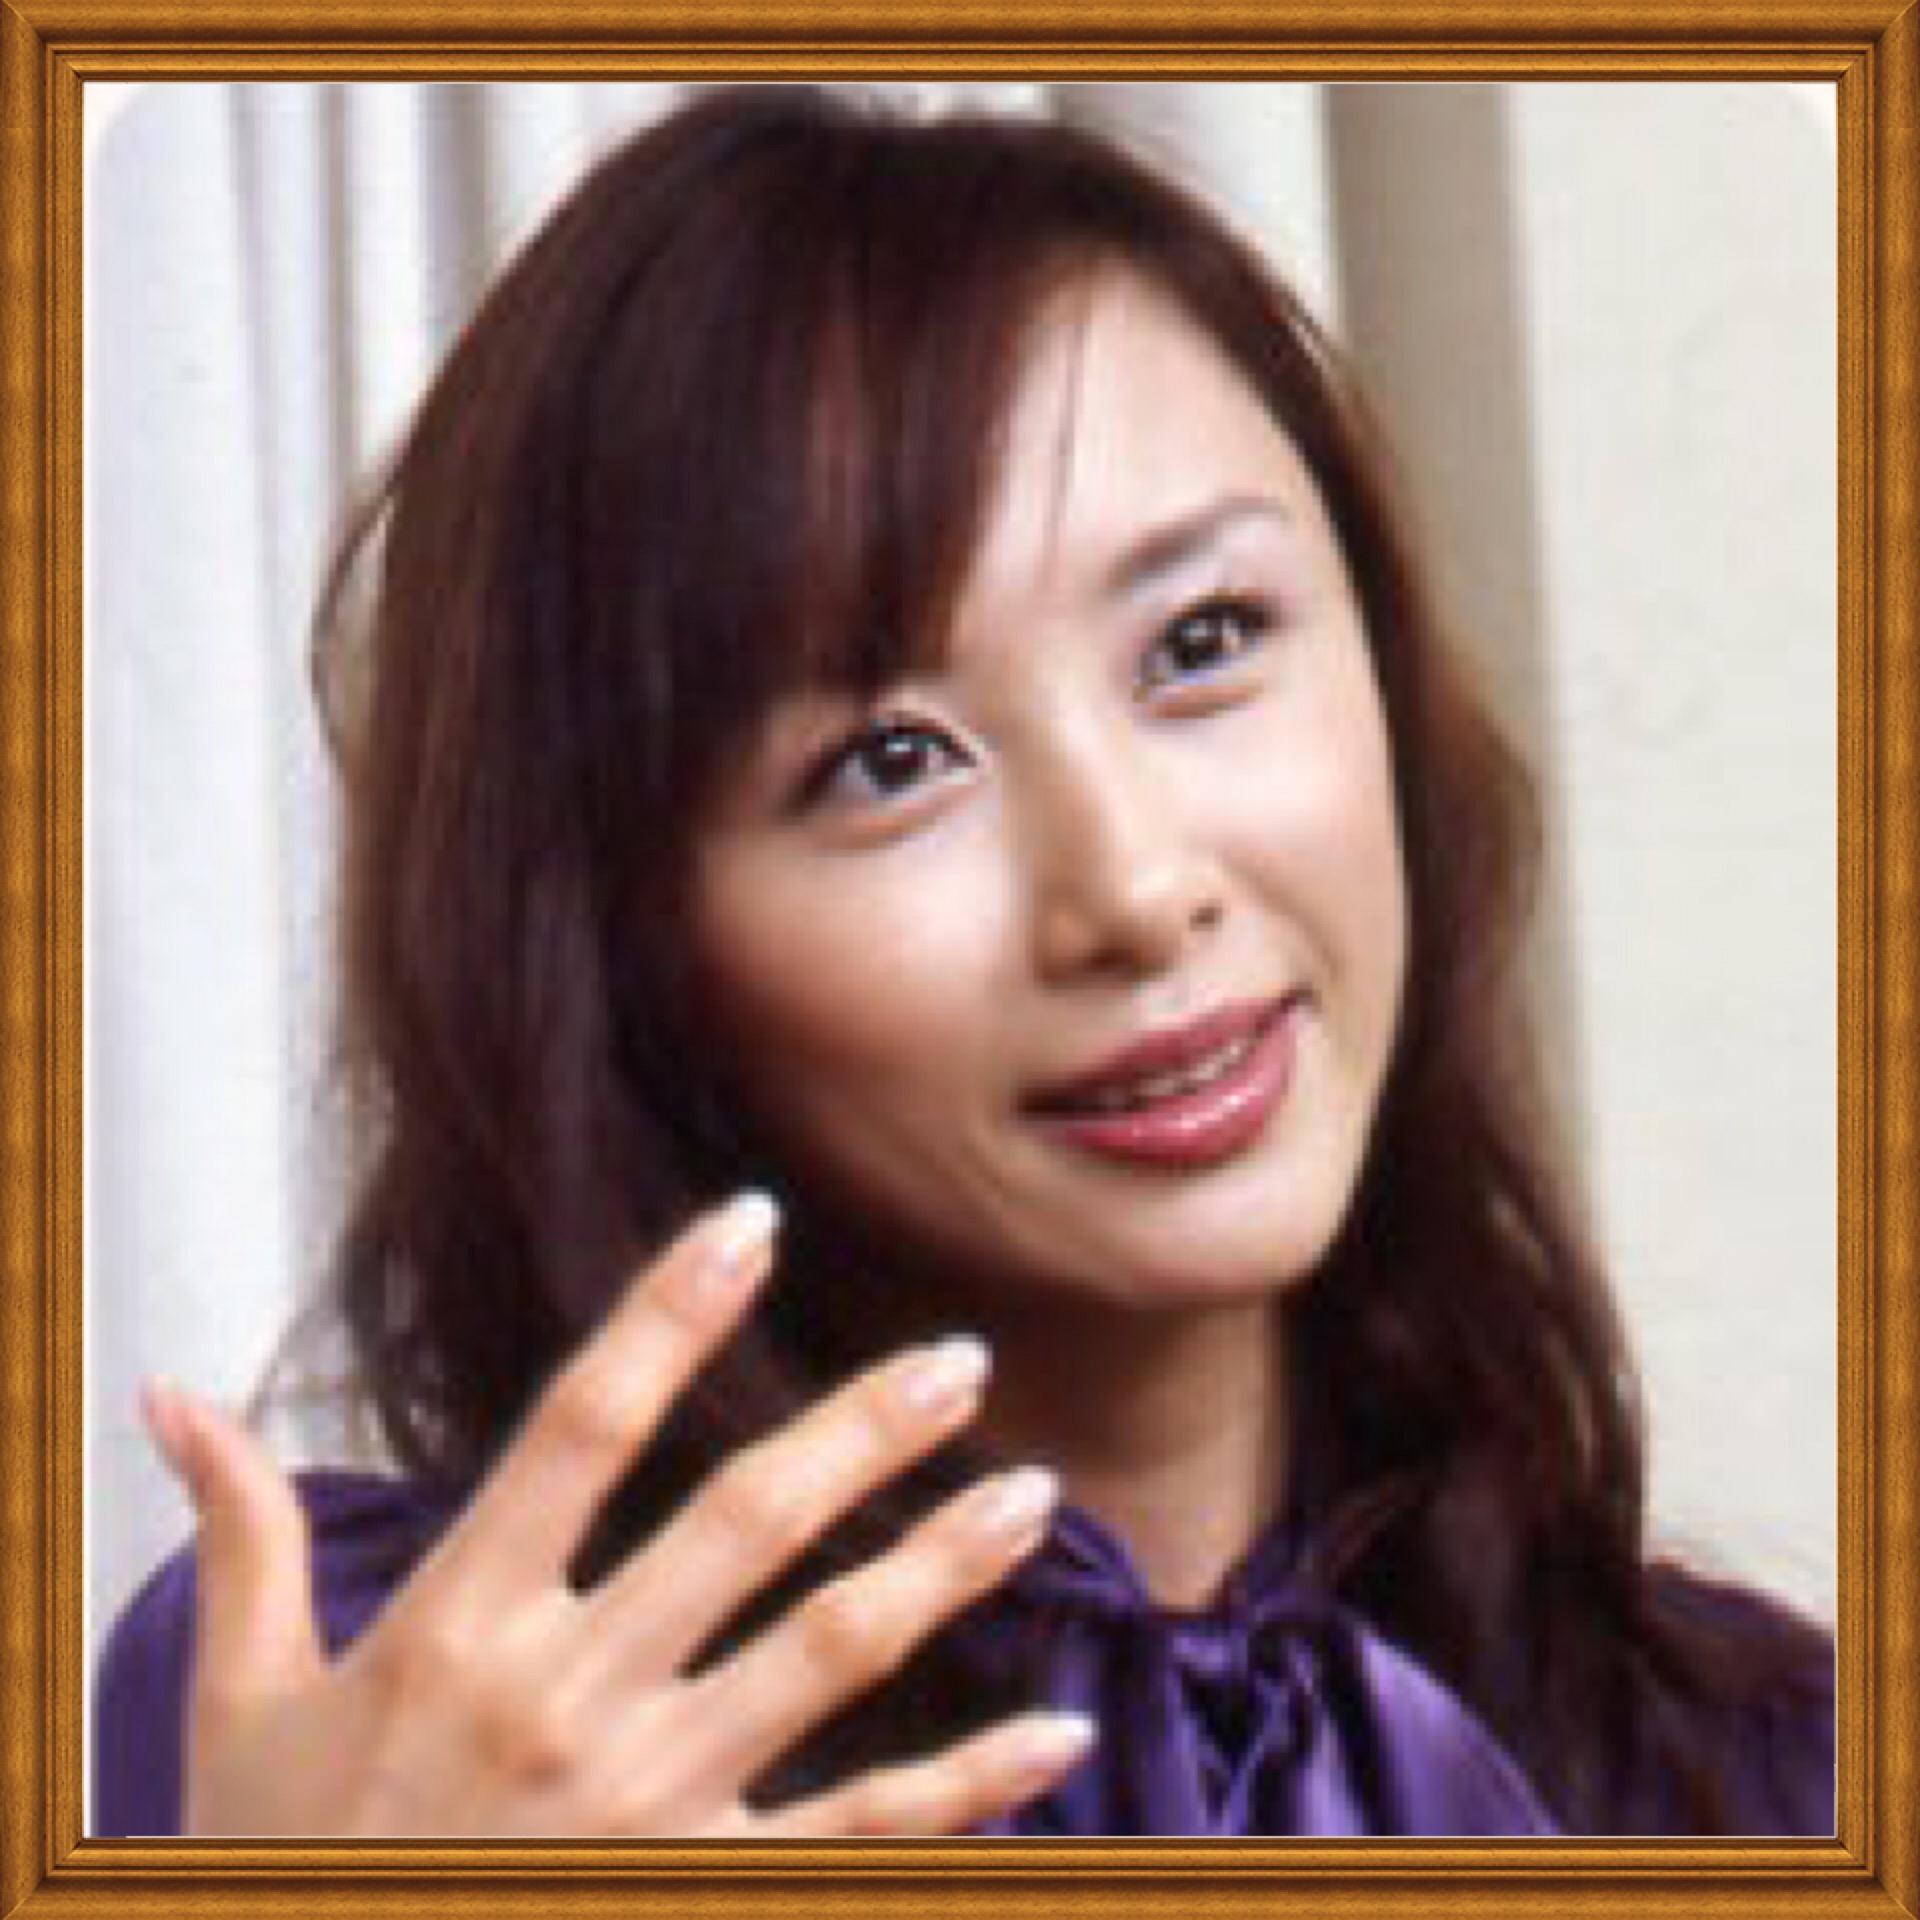 工藤美桜の画像 p1_37